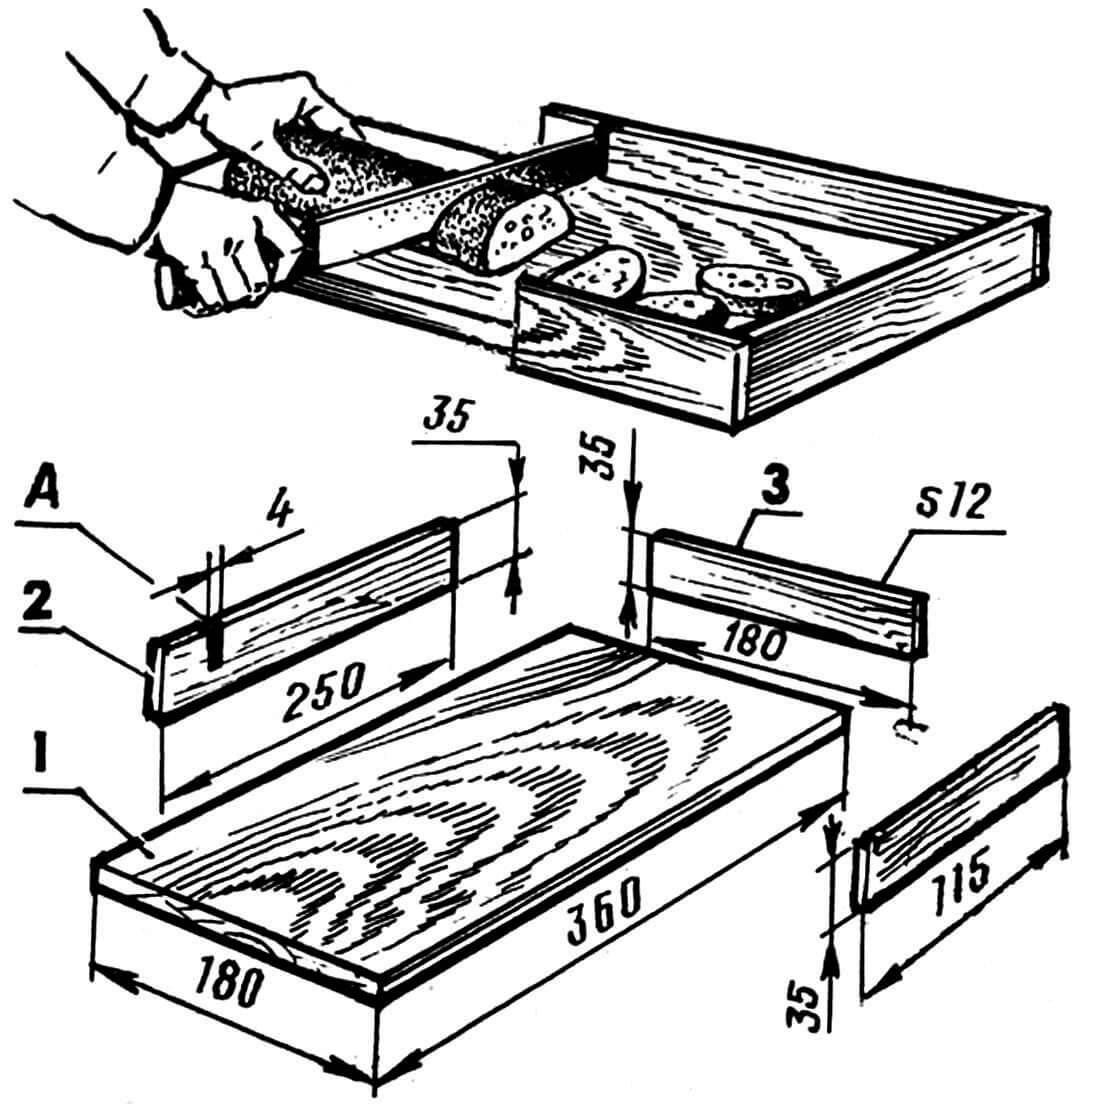 Рис. 1. Разделочная доска с бункером: 1 — доска (20x180x360 мм), 2 — боковая стенка бункера (фанера 12x35x250 мм, 2 шт.), 3 — задняя стенка бункера (фанера 12x35x180 мм); А — прорезь для ножа.